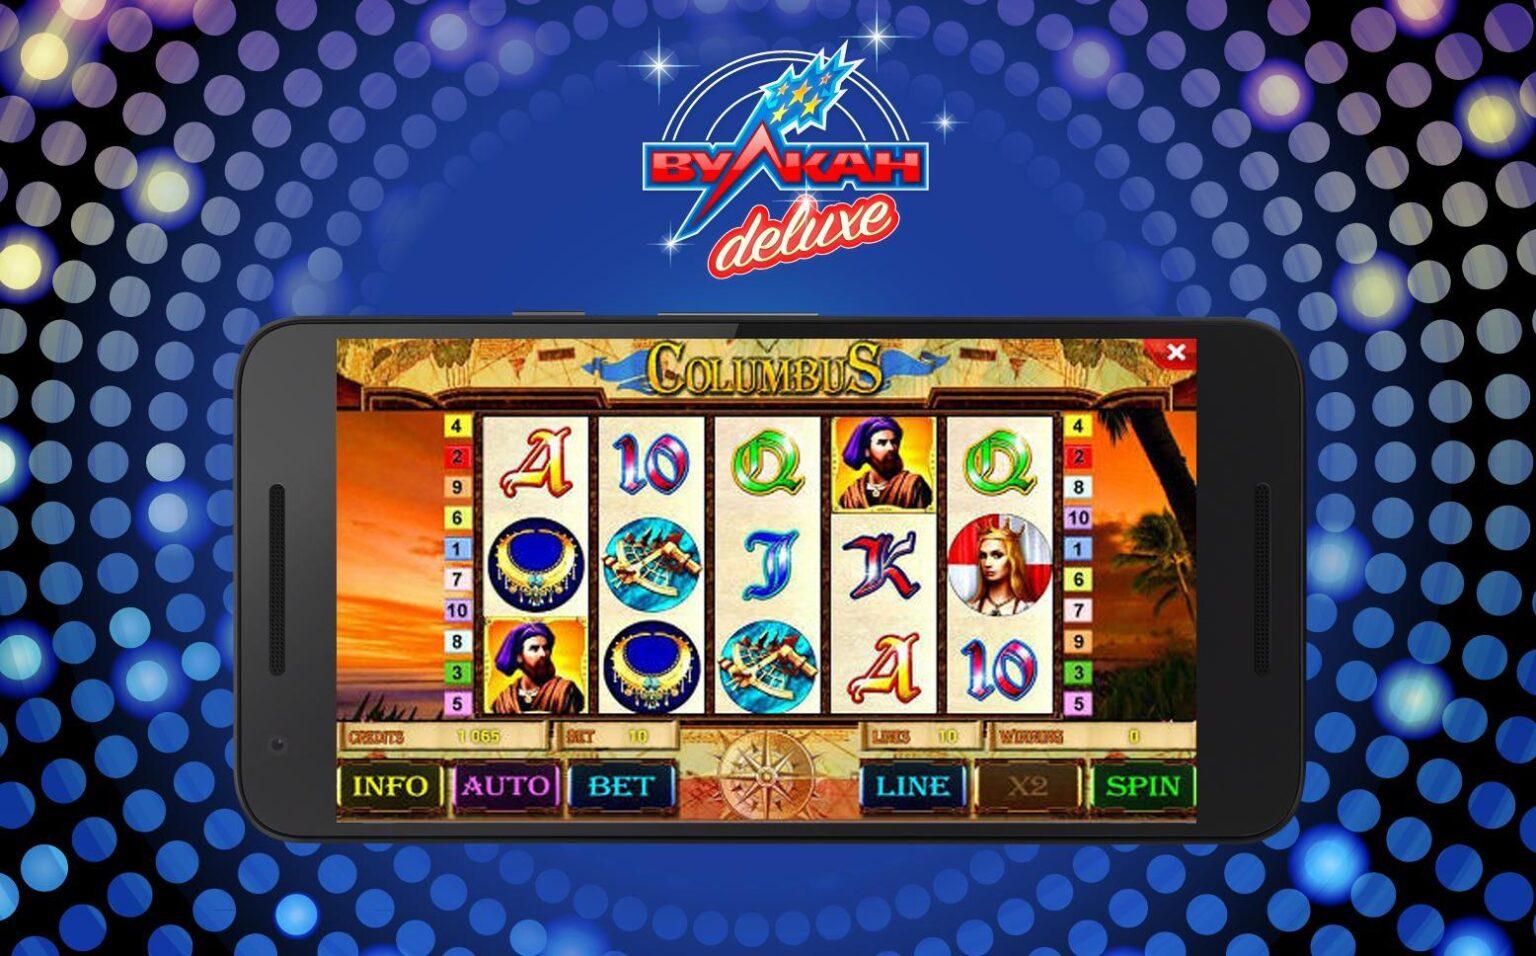 вулкан неон онлайн казино официальный сайт казино вулкан